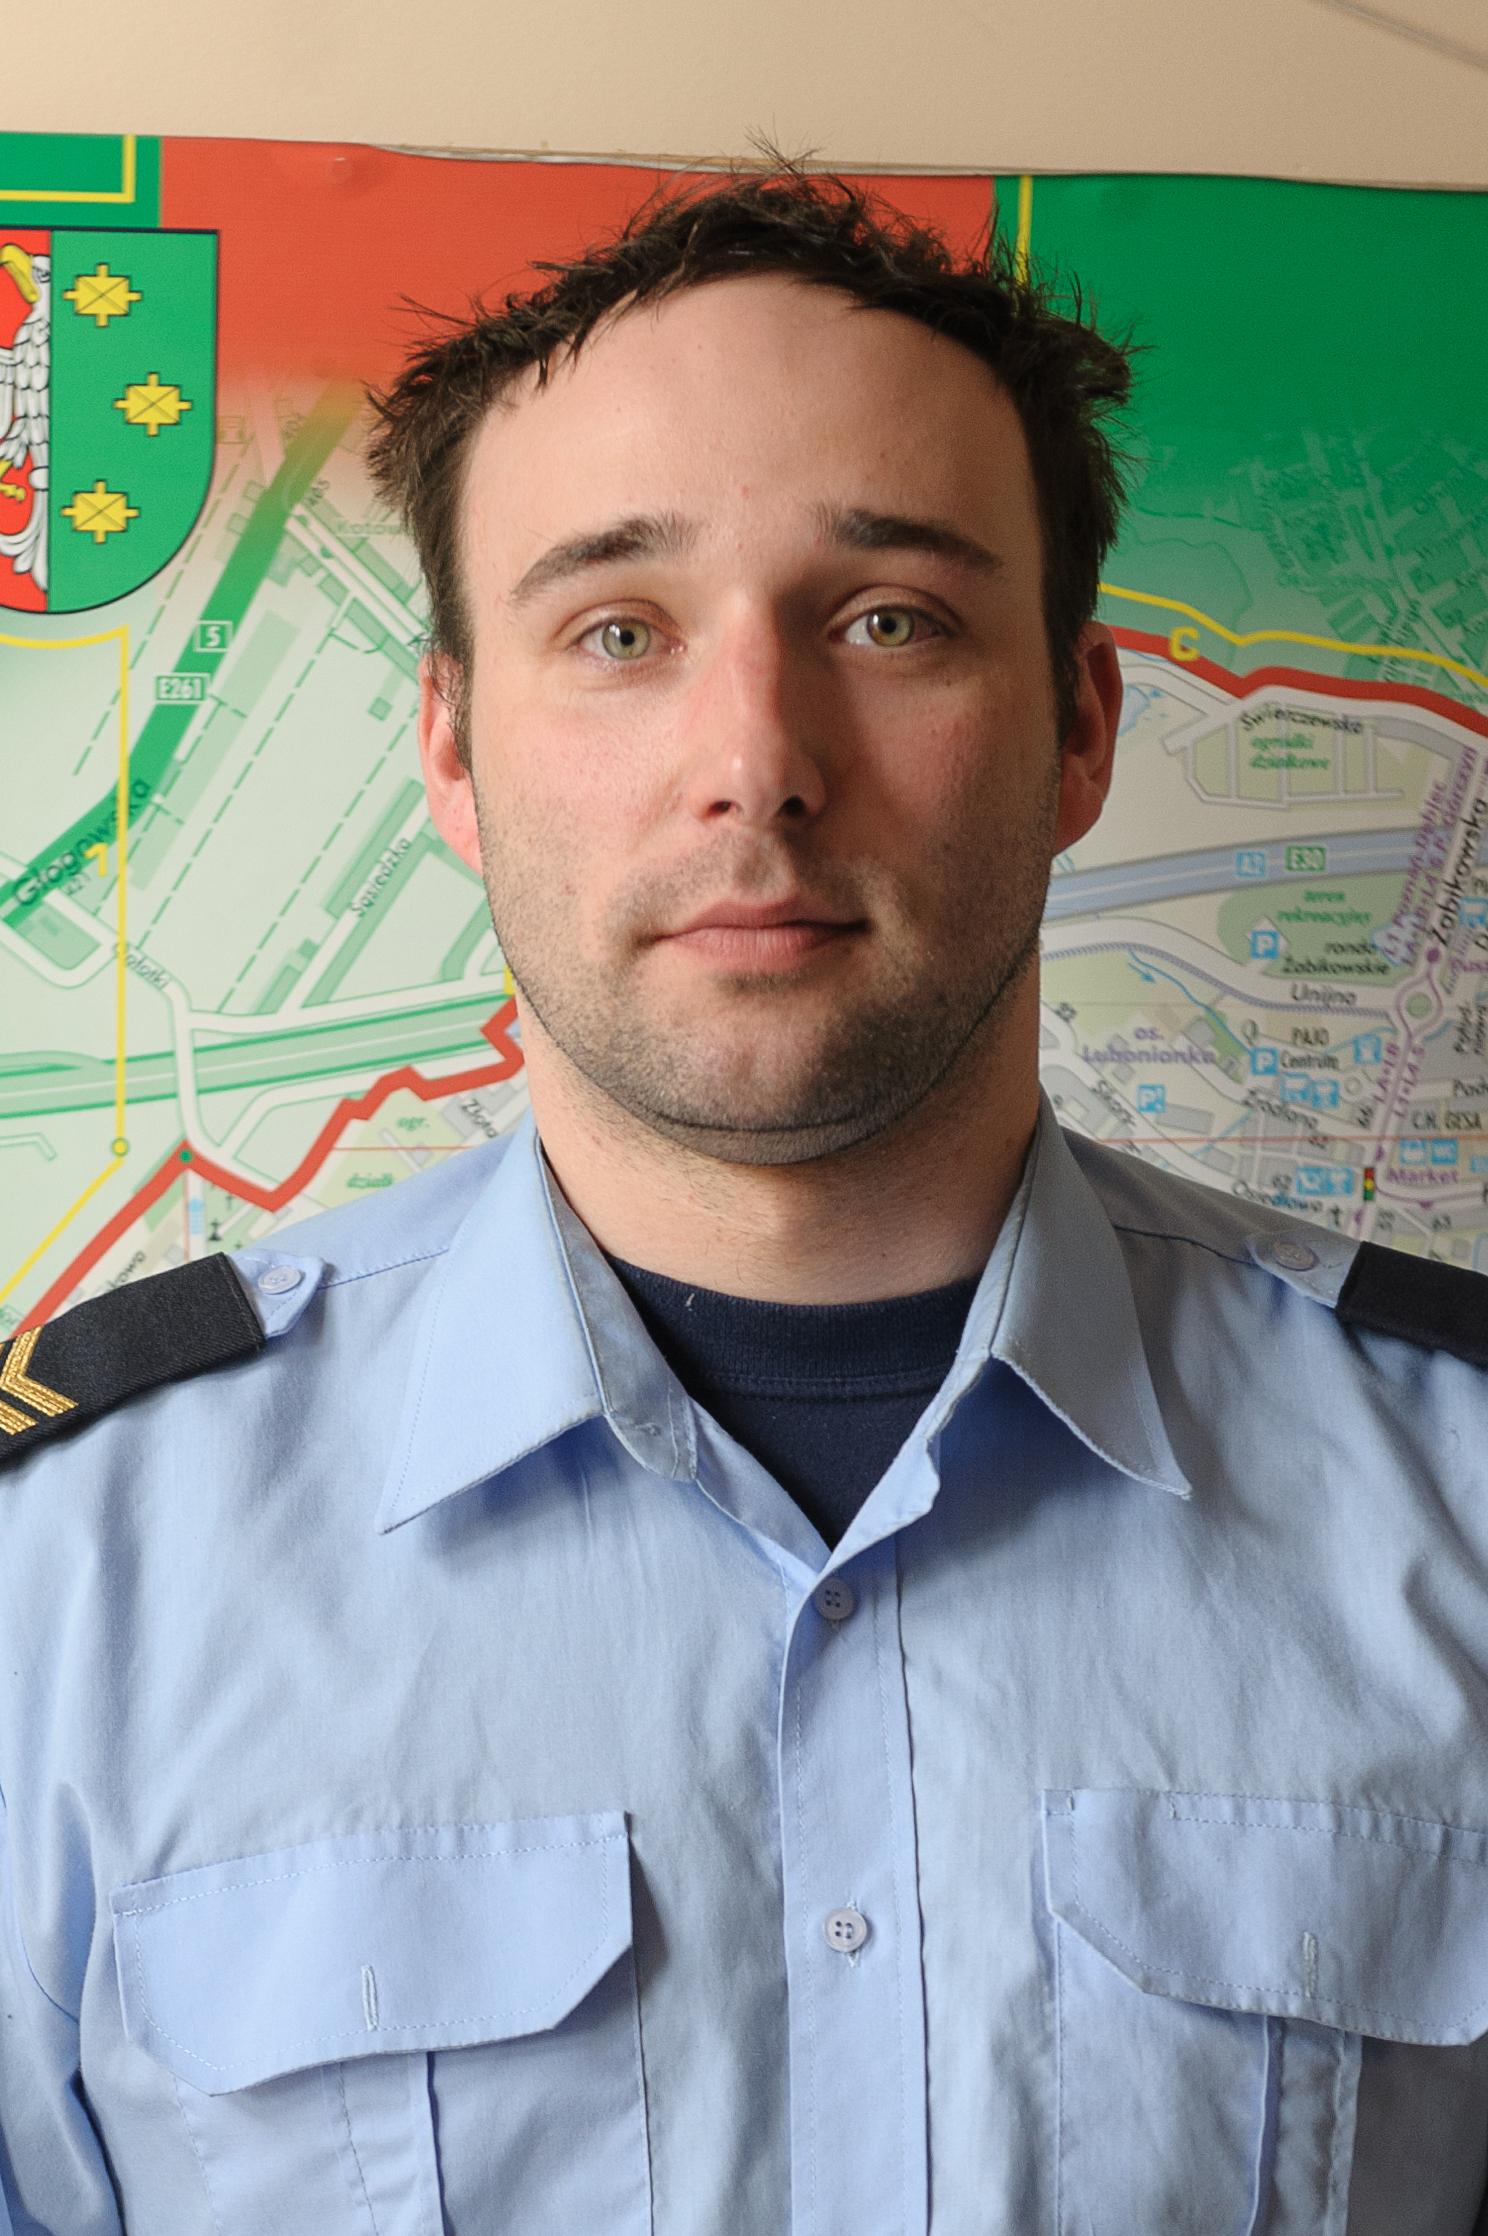 Rafał Sołecki